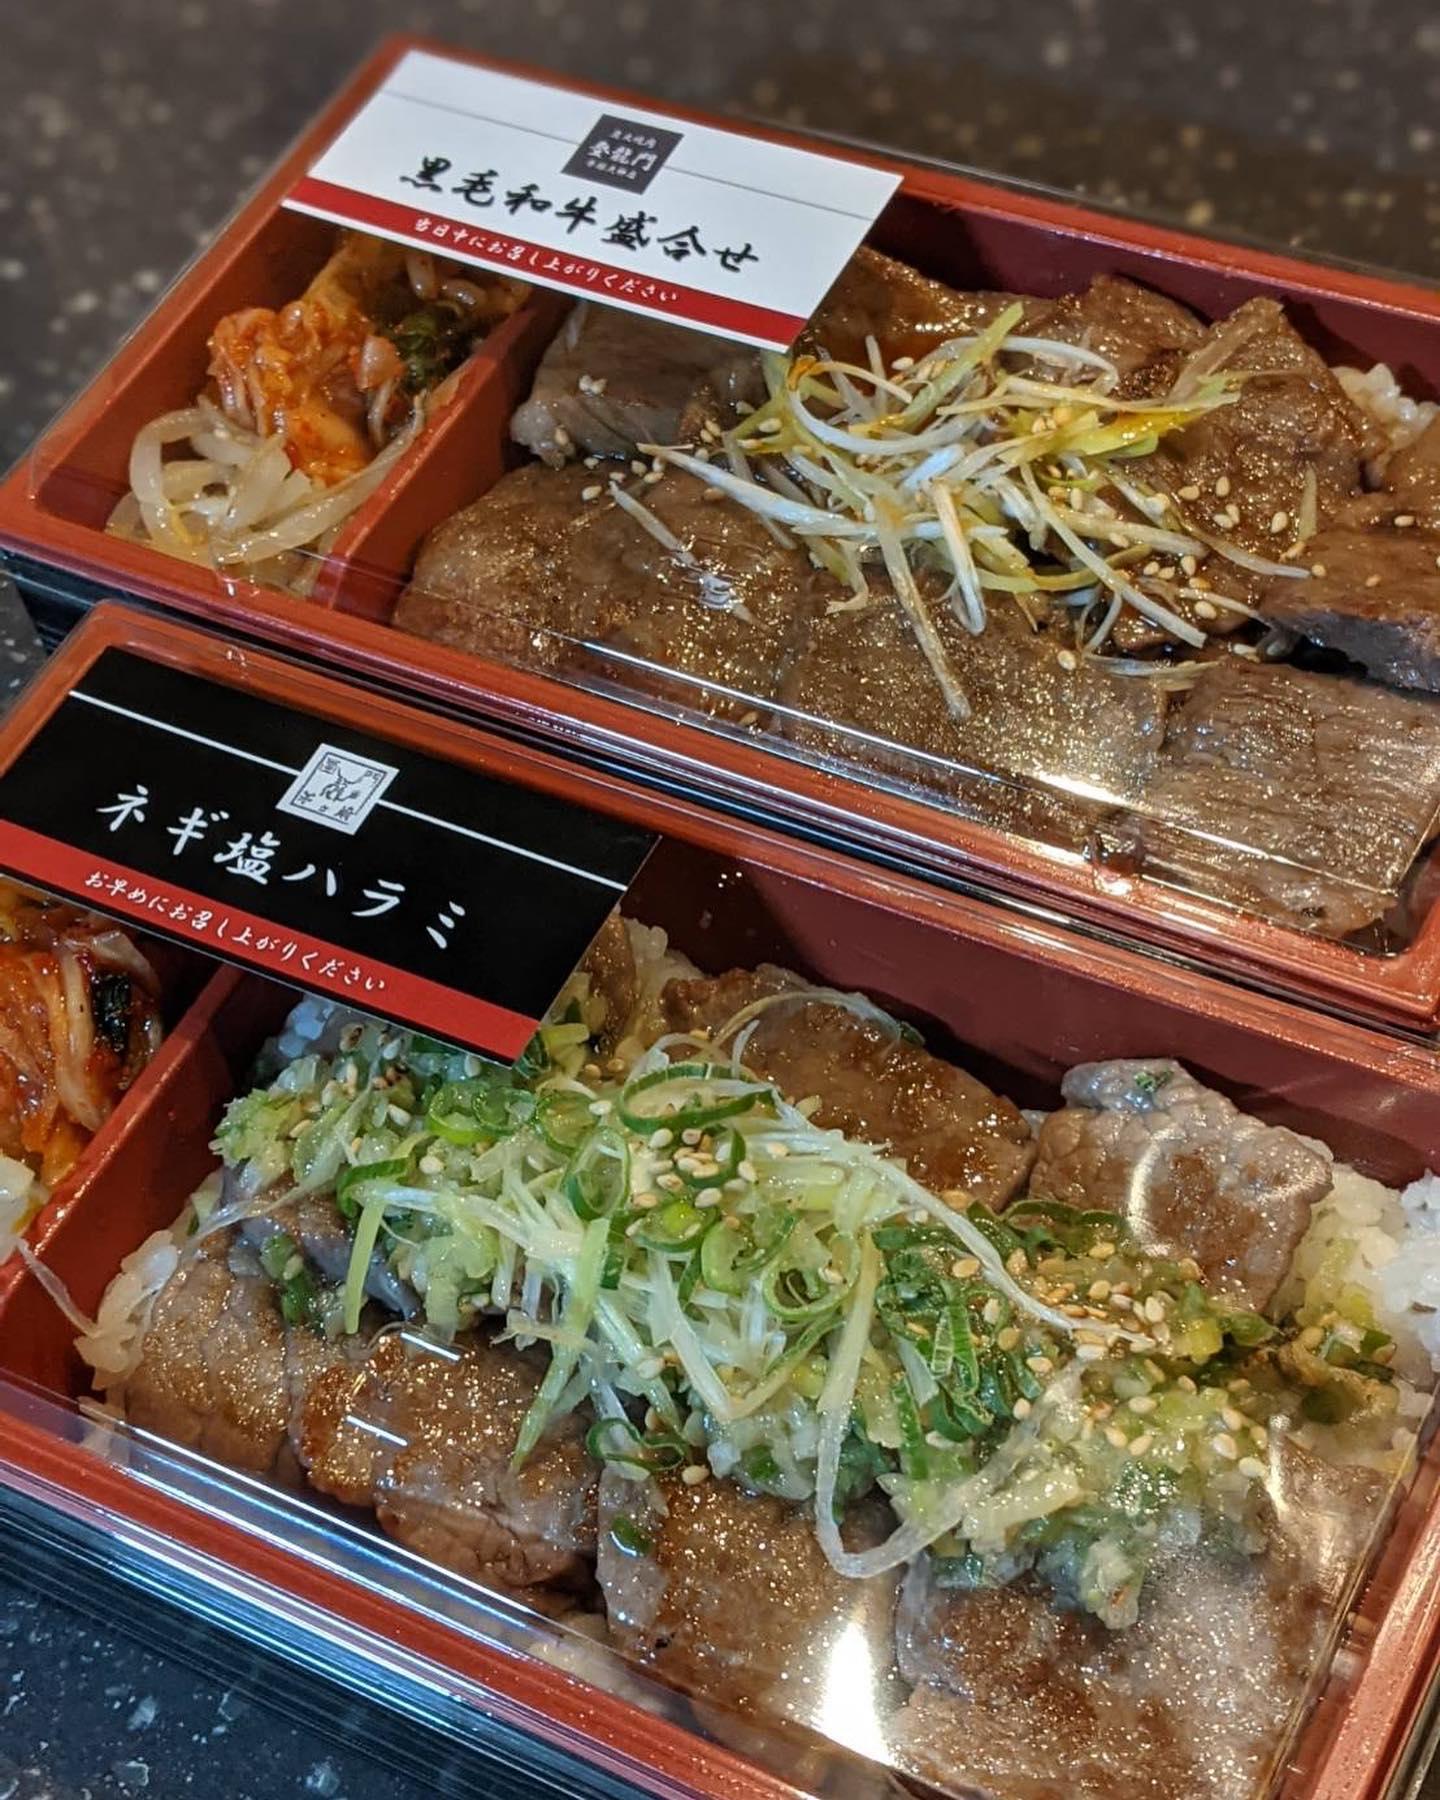 本日注文いただいた、TAKE OUTのお弁当です!皆さまもぜひ、焼肉弁当どうぞ!♡ 注文はこちら「https://www.toryumon29.jp/takeout」